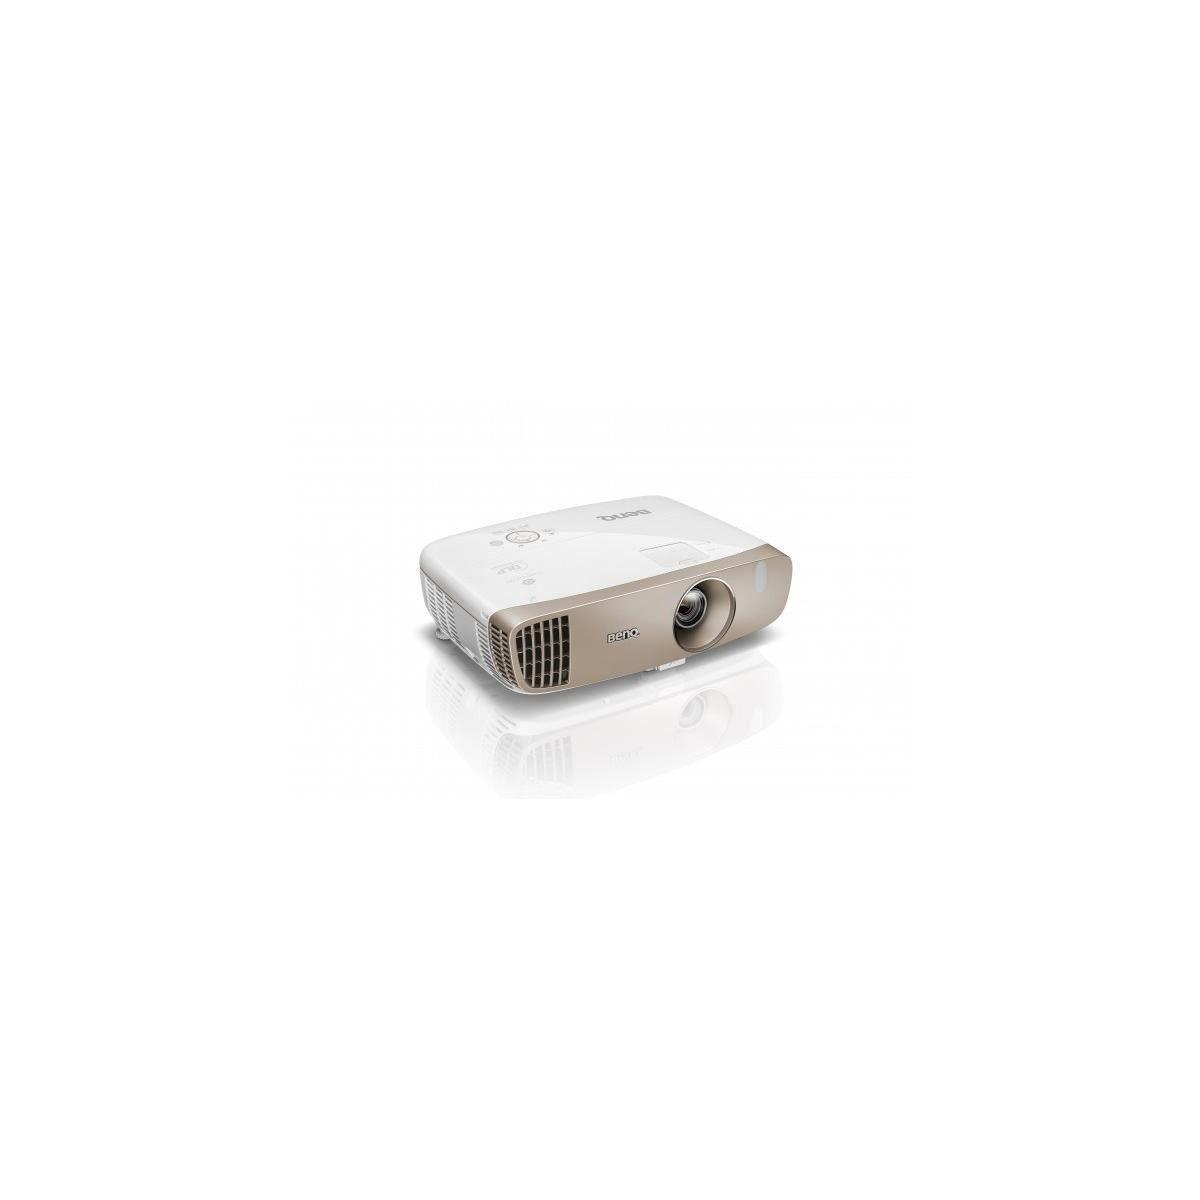 BENQ W2000 Videoprojecteur DLP Full HD 3D 1080p - 2000 Lumens - HDMI / MHL